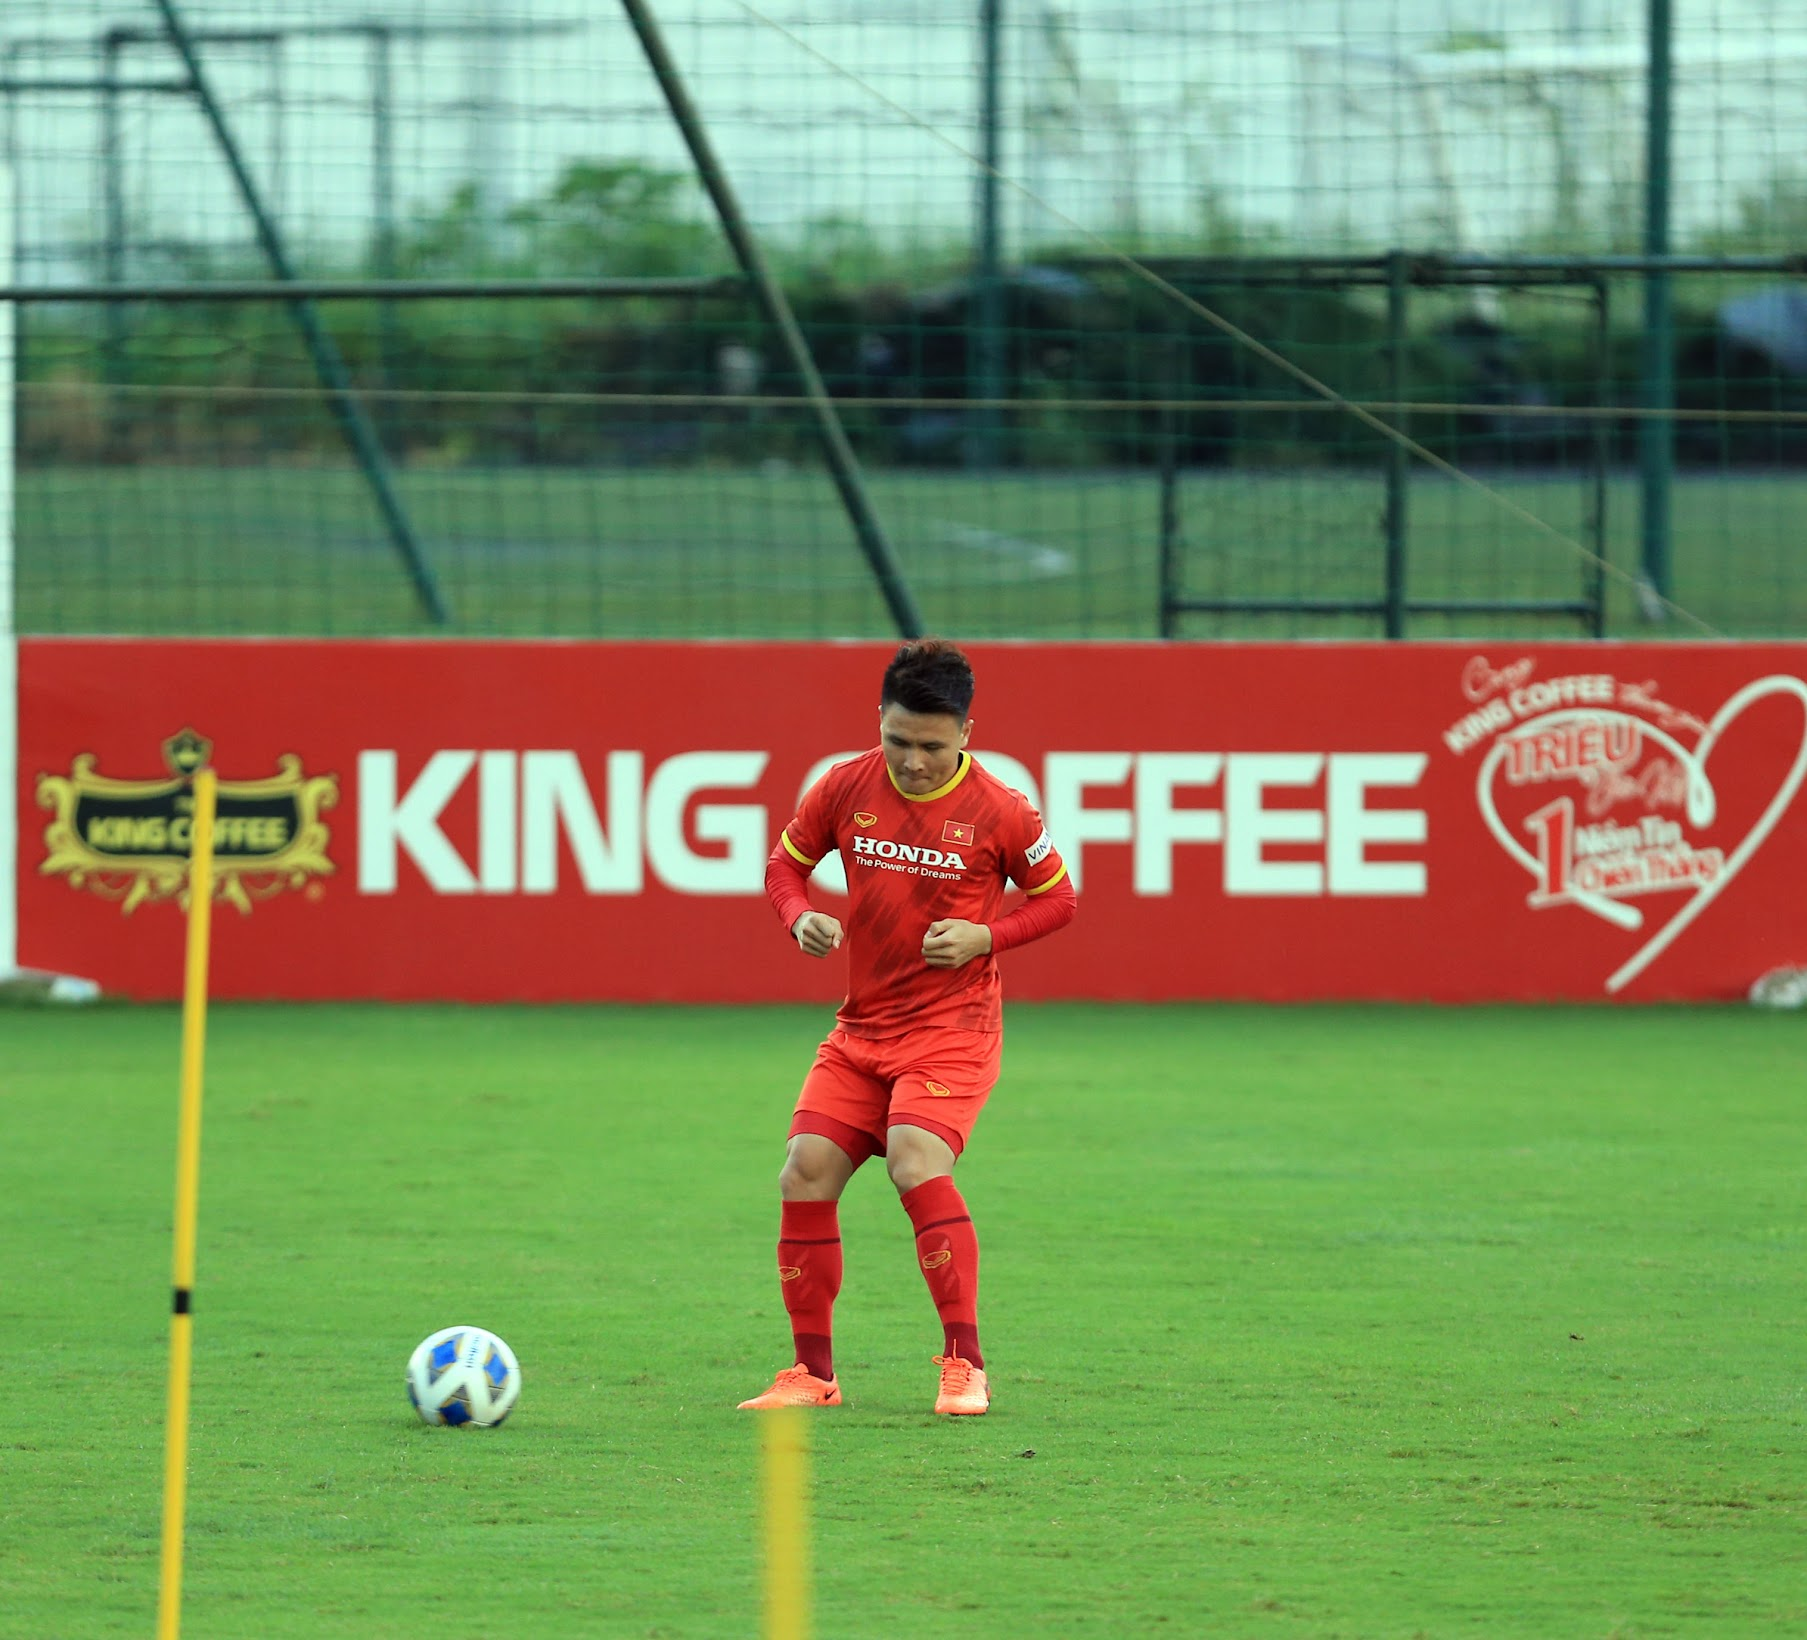 Tuấn Anh và đồng đội hào hứng khi trở thành thủ môn bất đắc dĩ cho tuyển Việt Nam - ảnh 14